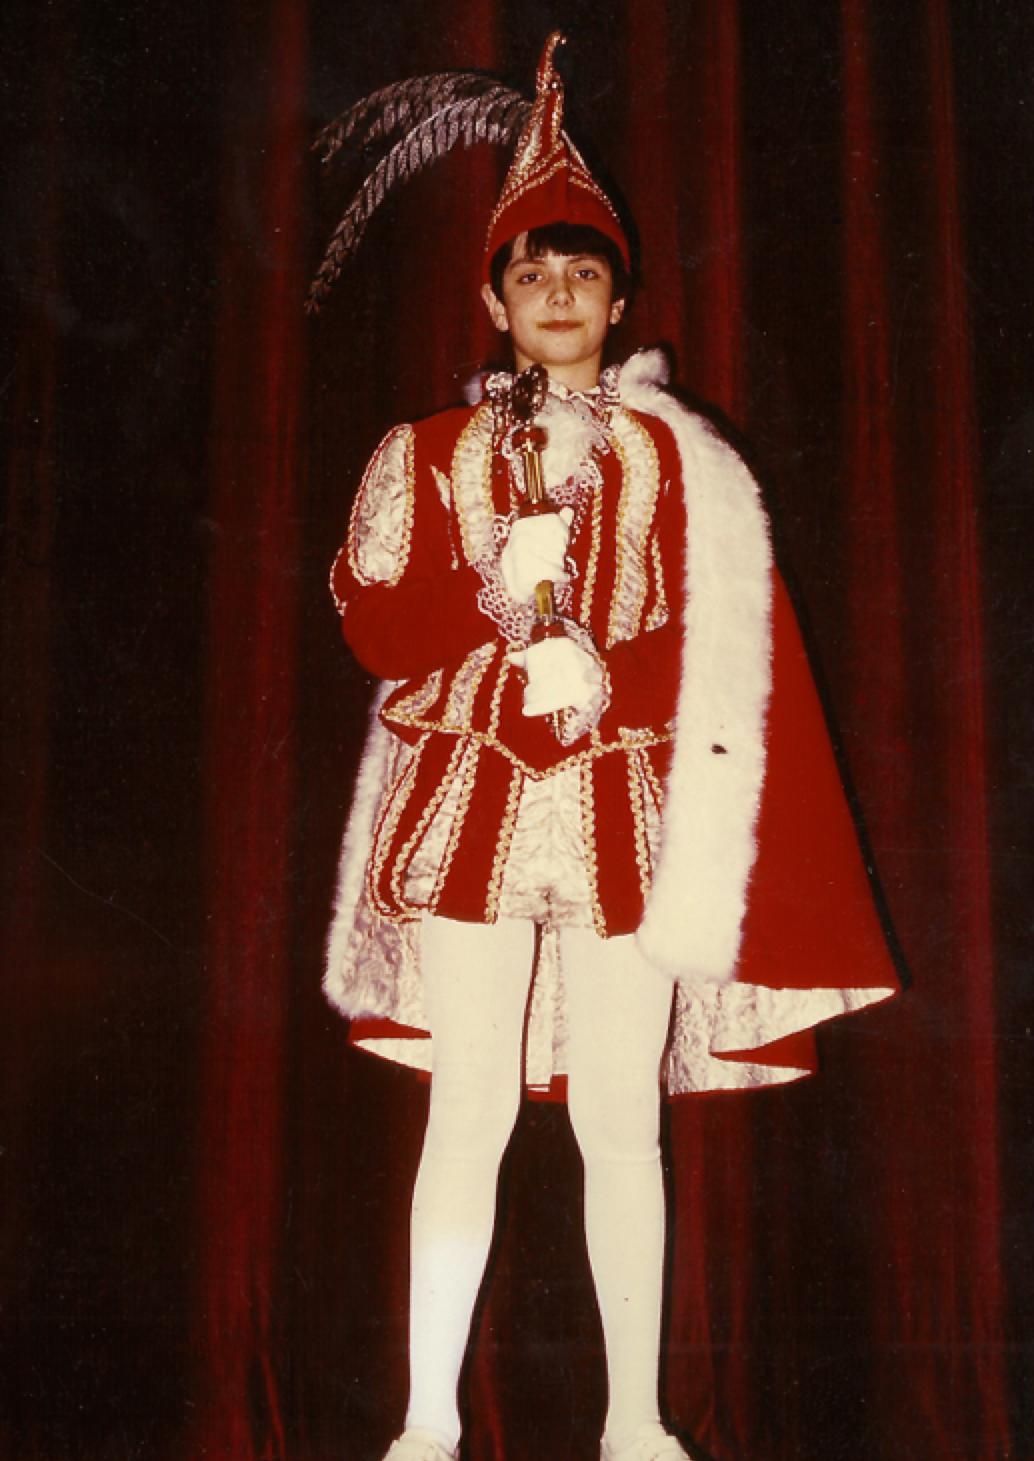 3. Mario I Schleifenbauer Seizoen 1984